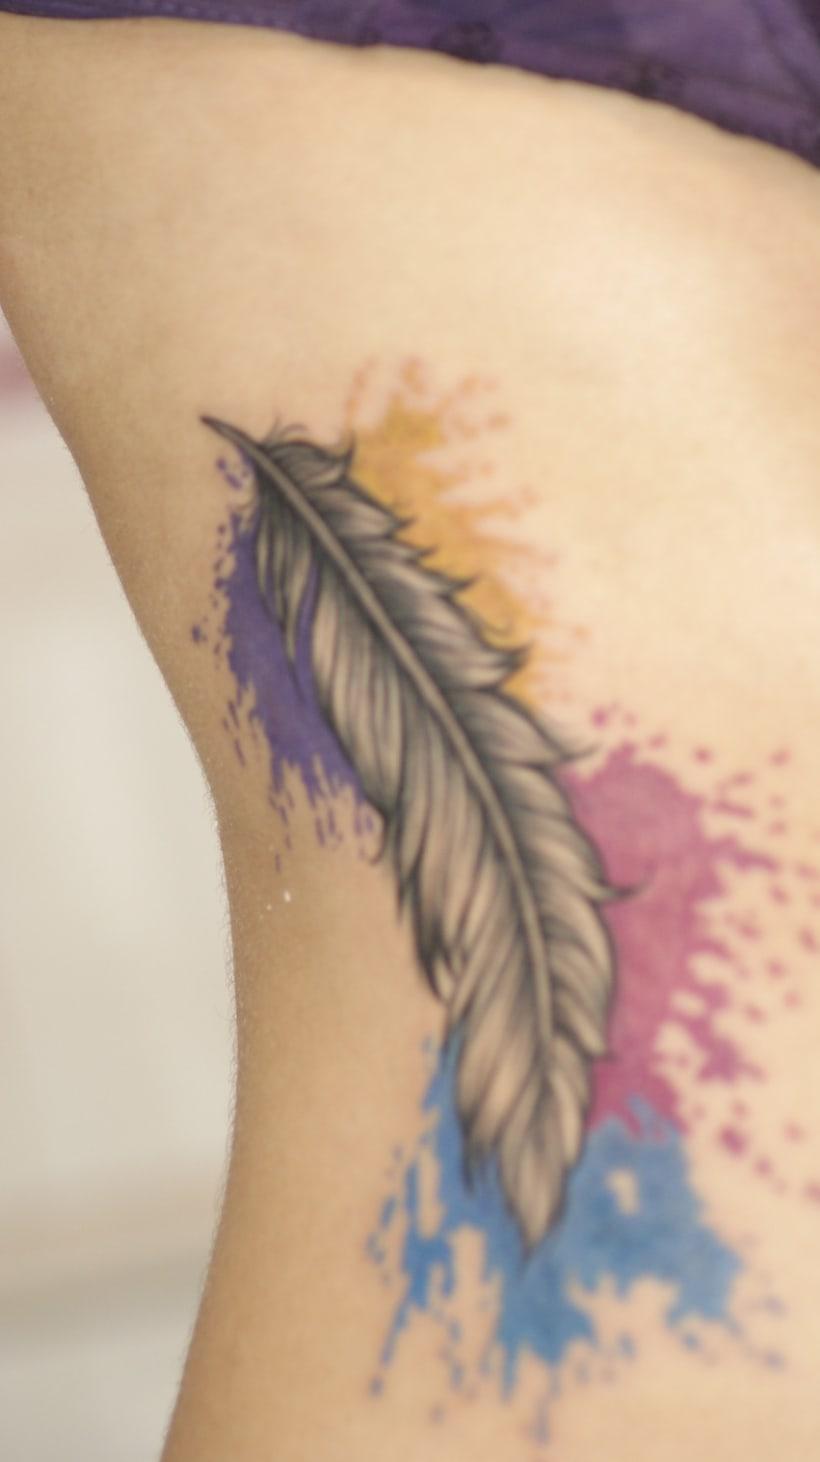 design tattoo and tattoo of my gf 2